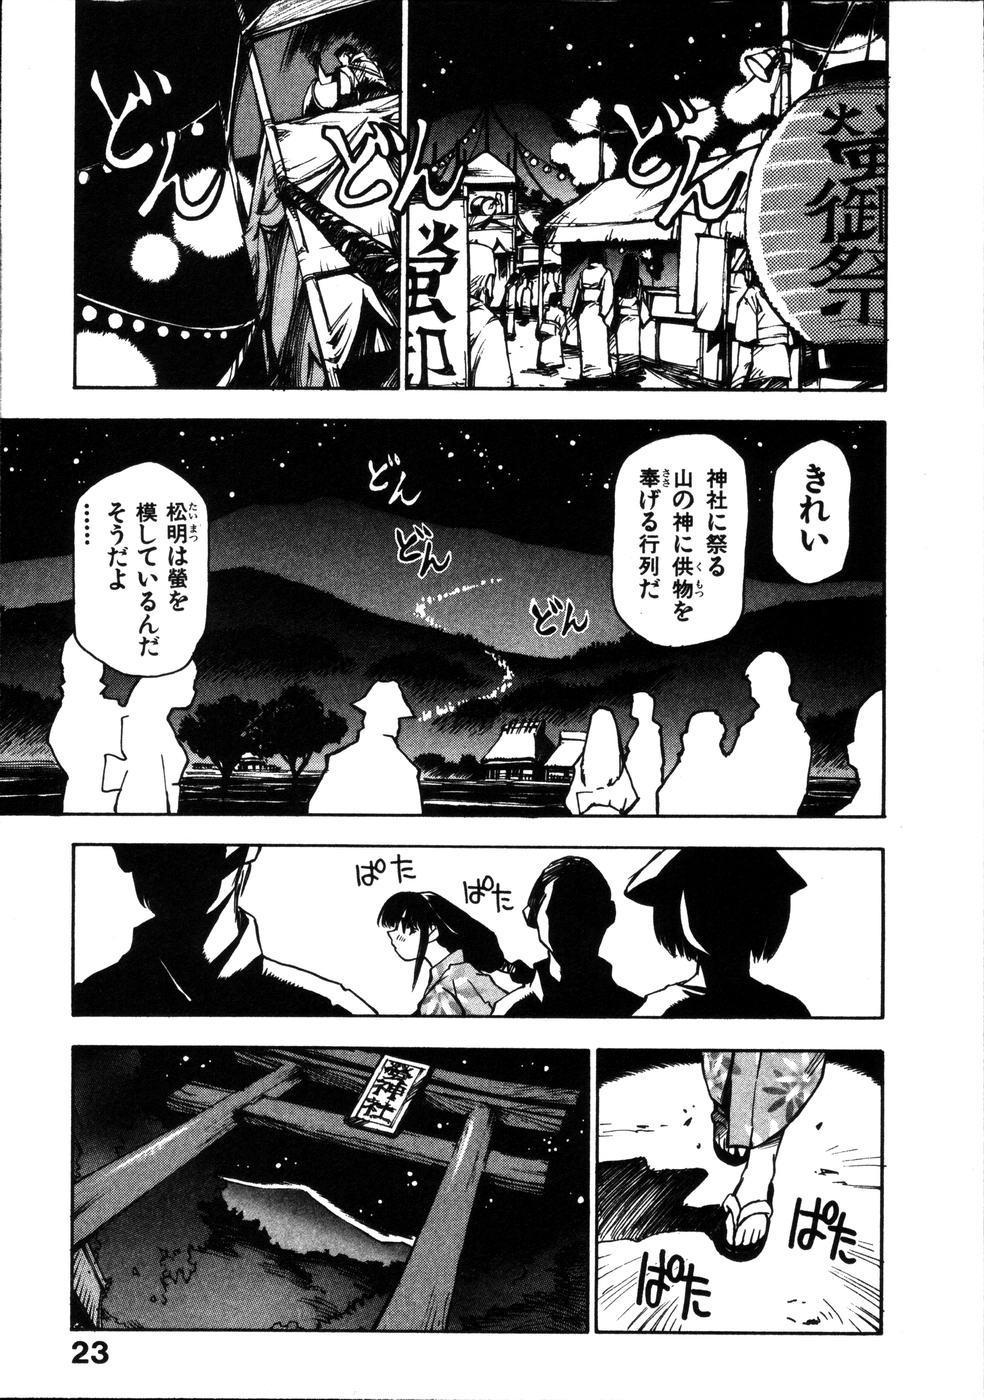 Hotaru 23